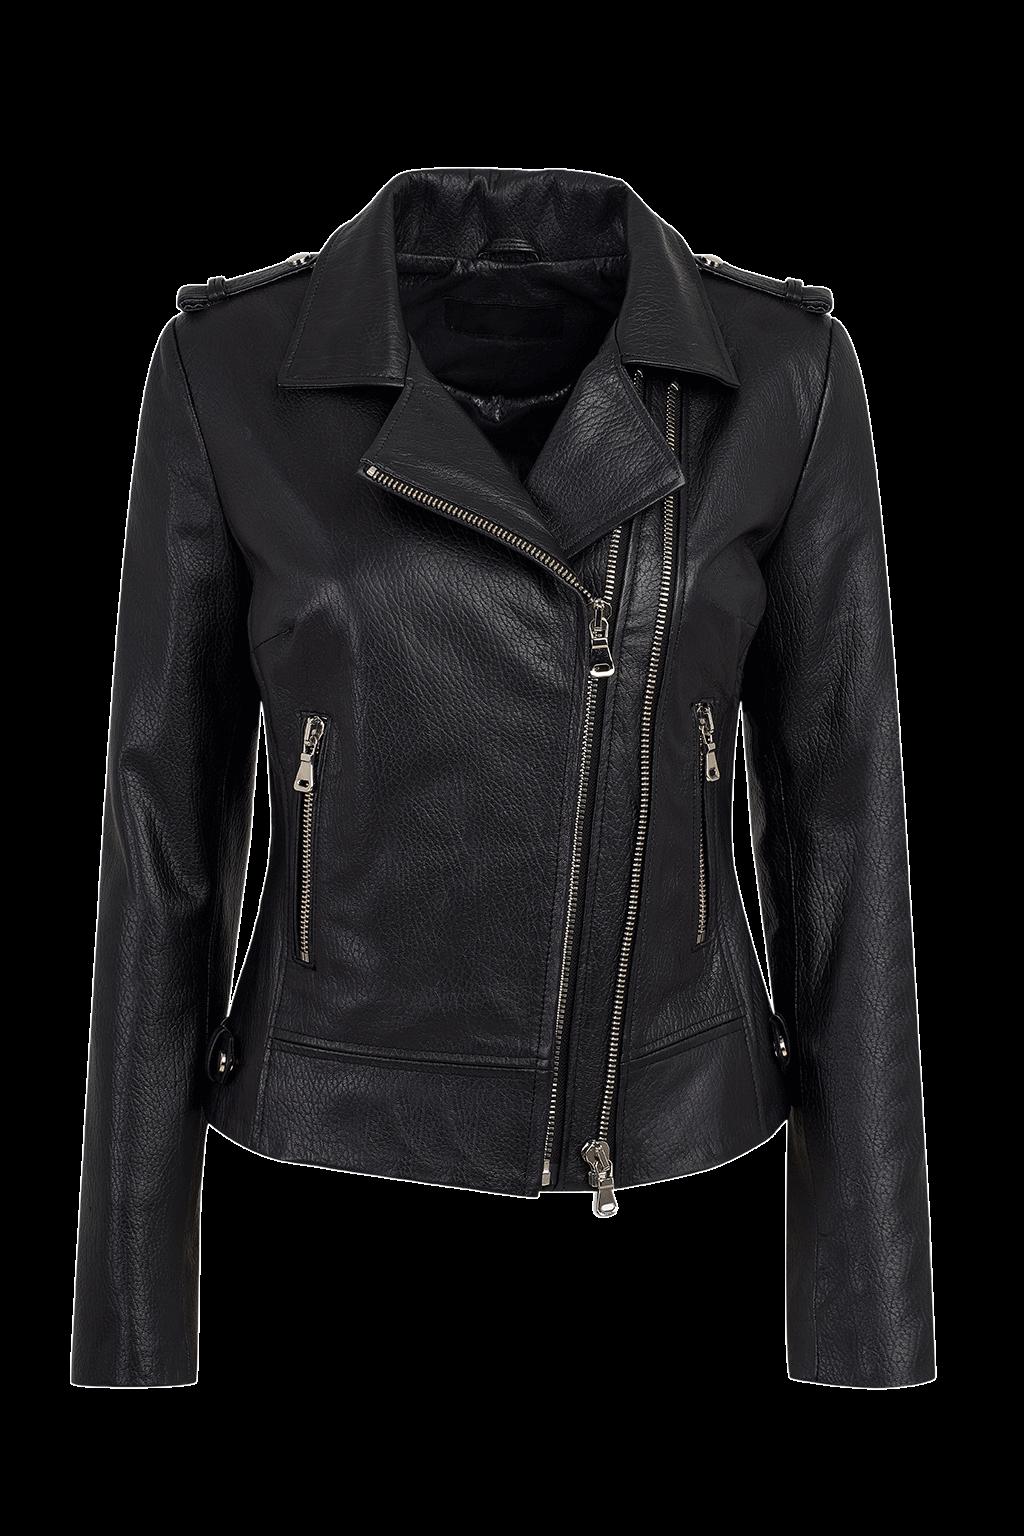 Women's Leather Biker Jacket - Black